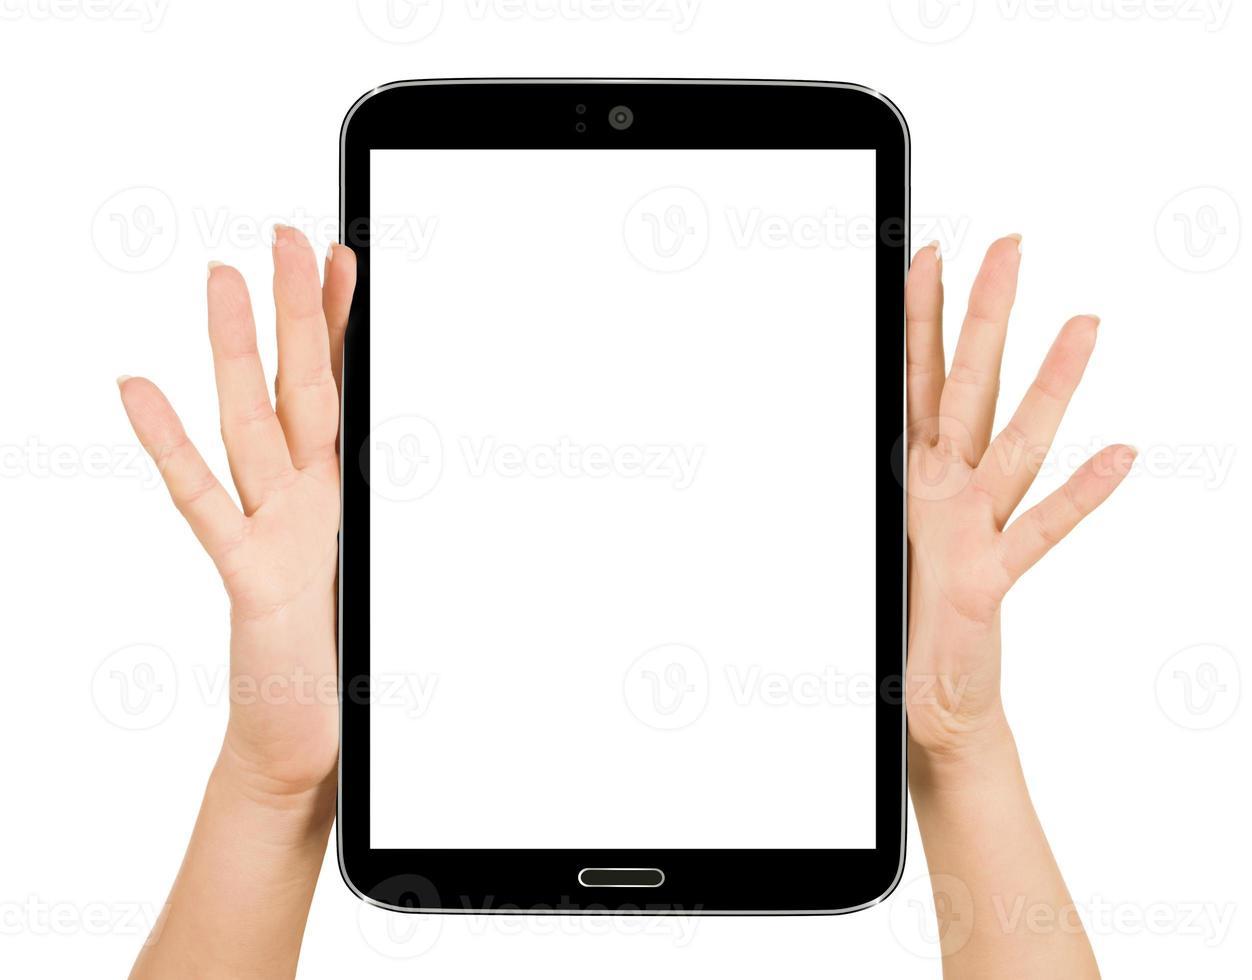 femininas mãos segurando um tablet touch gadget de computador com foto